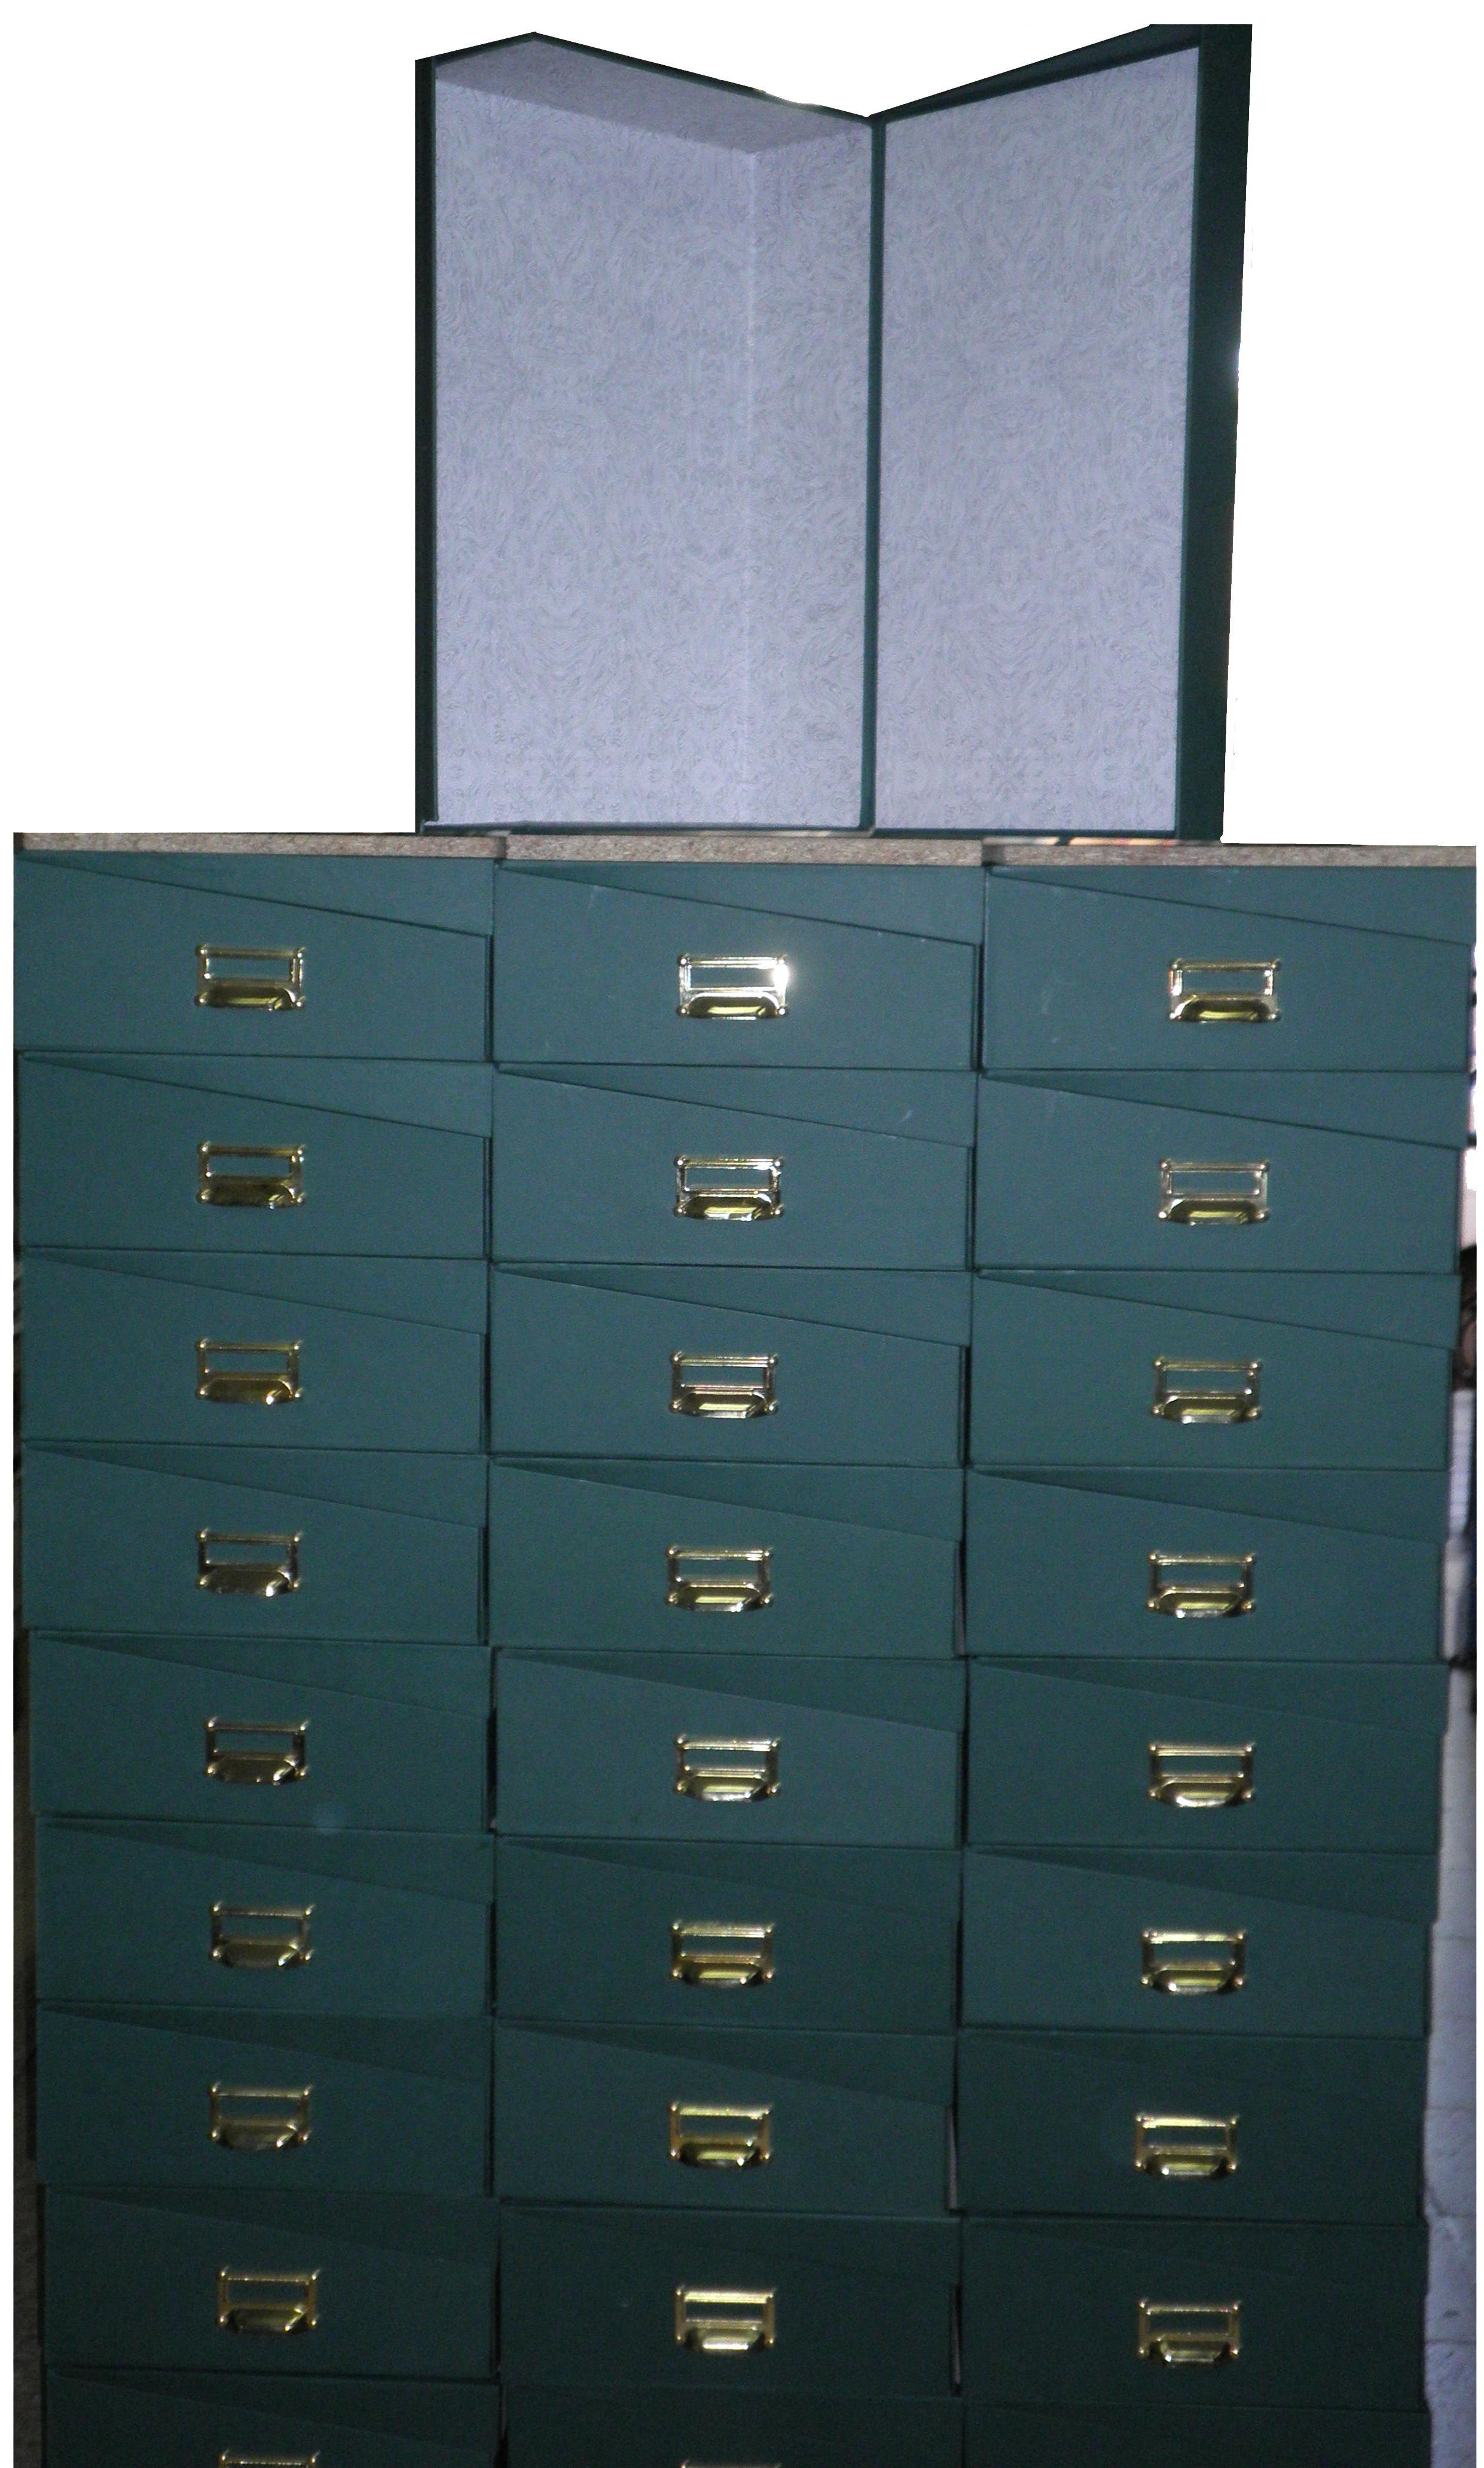 Caja gran formato